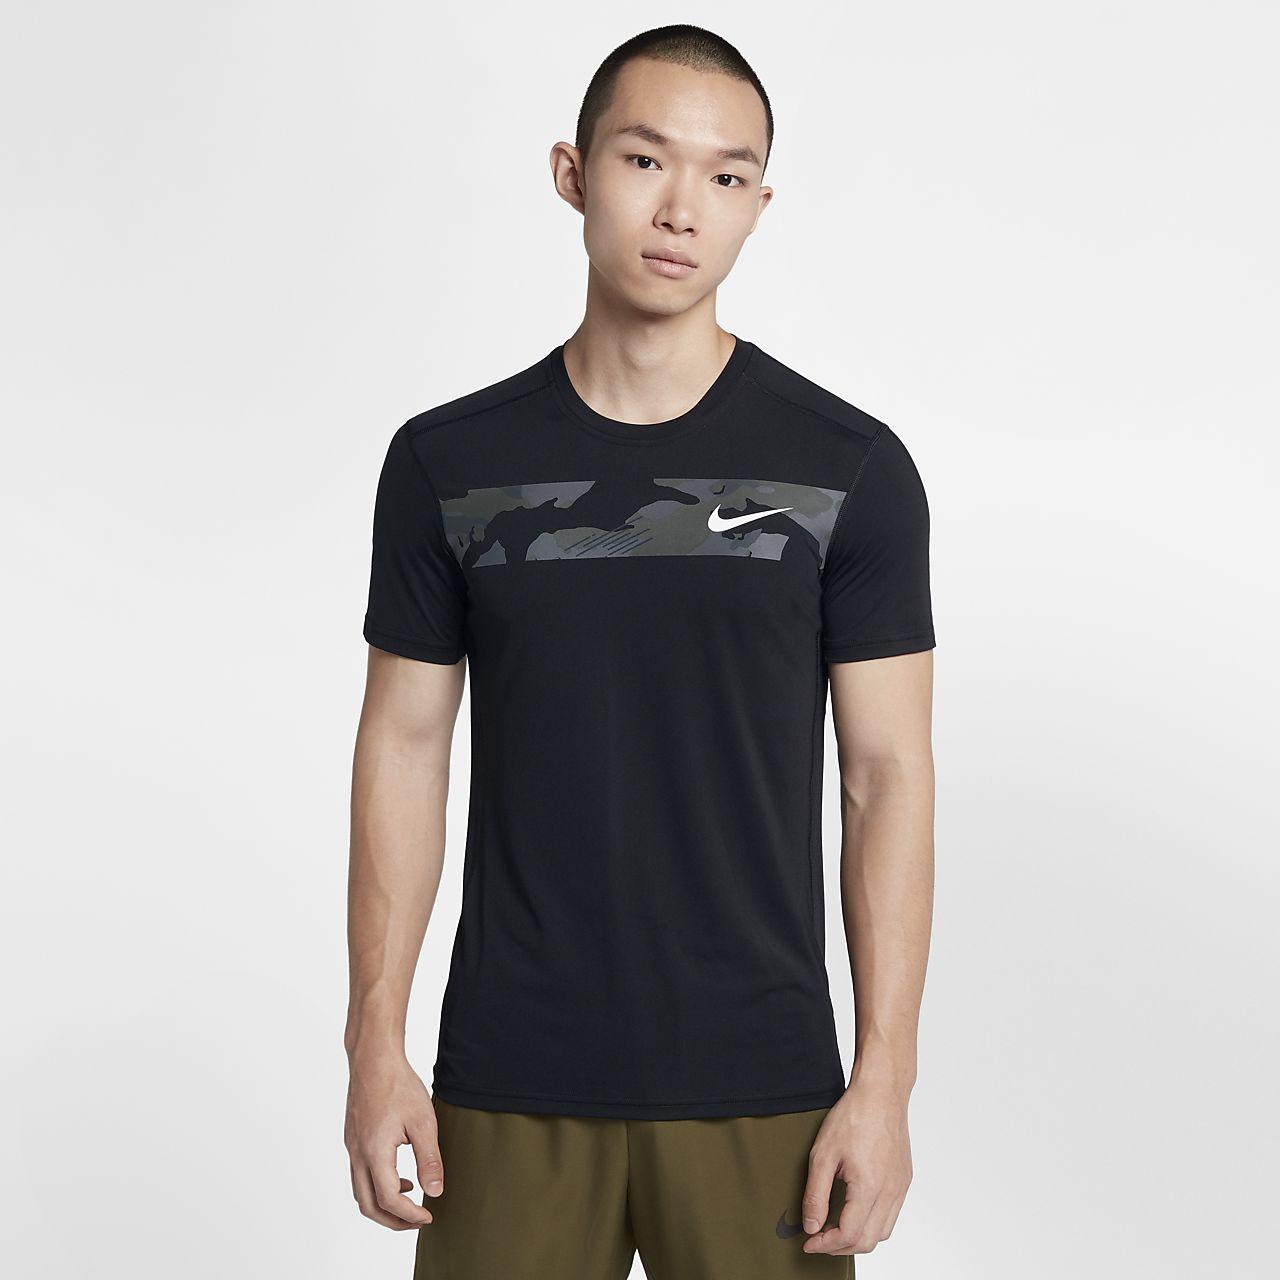 เสื้อเทรนนิ่งลายพรางแขนสั้นผู้ชาย Nike